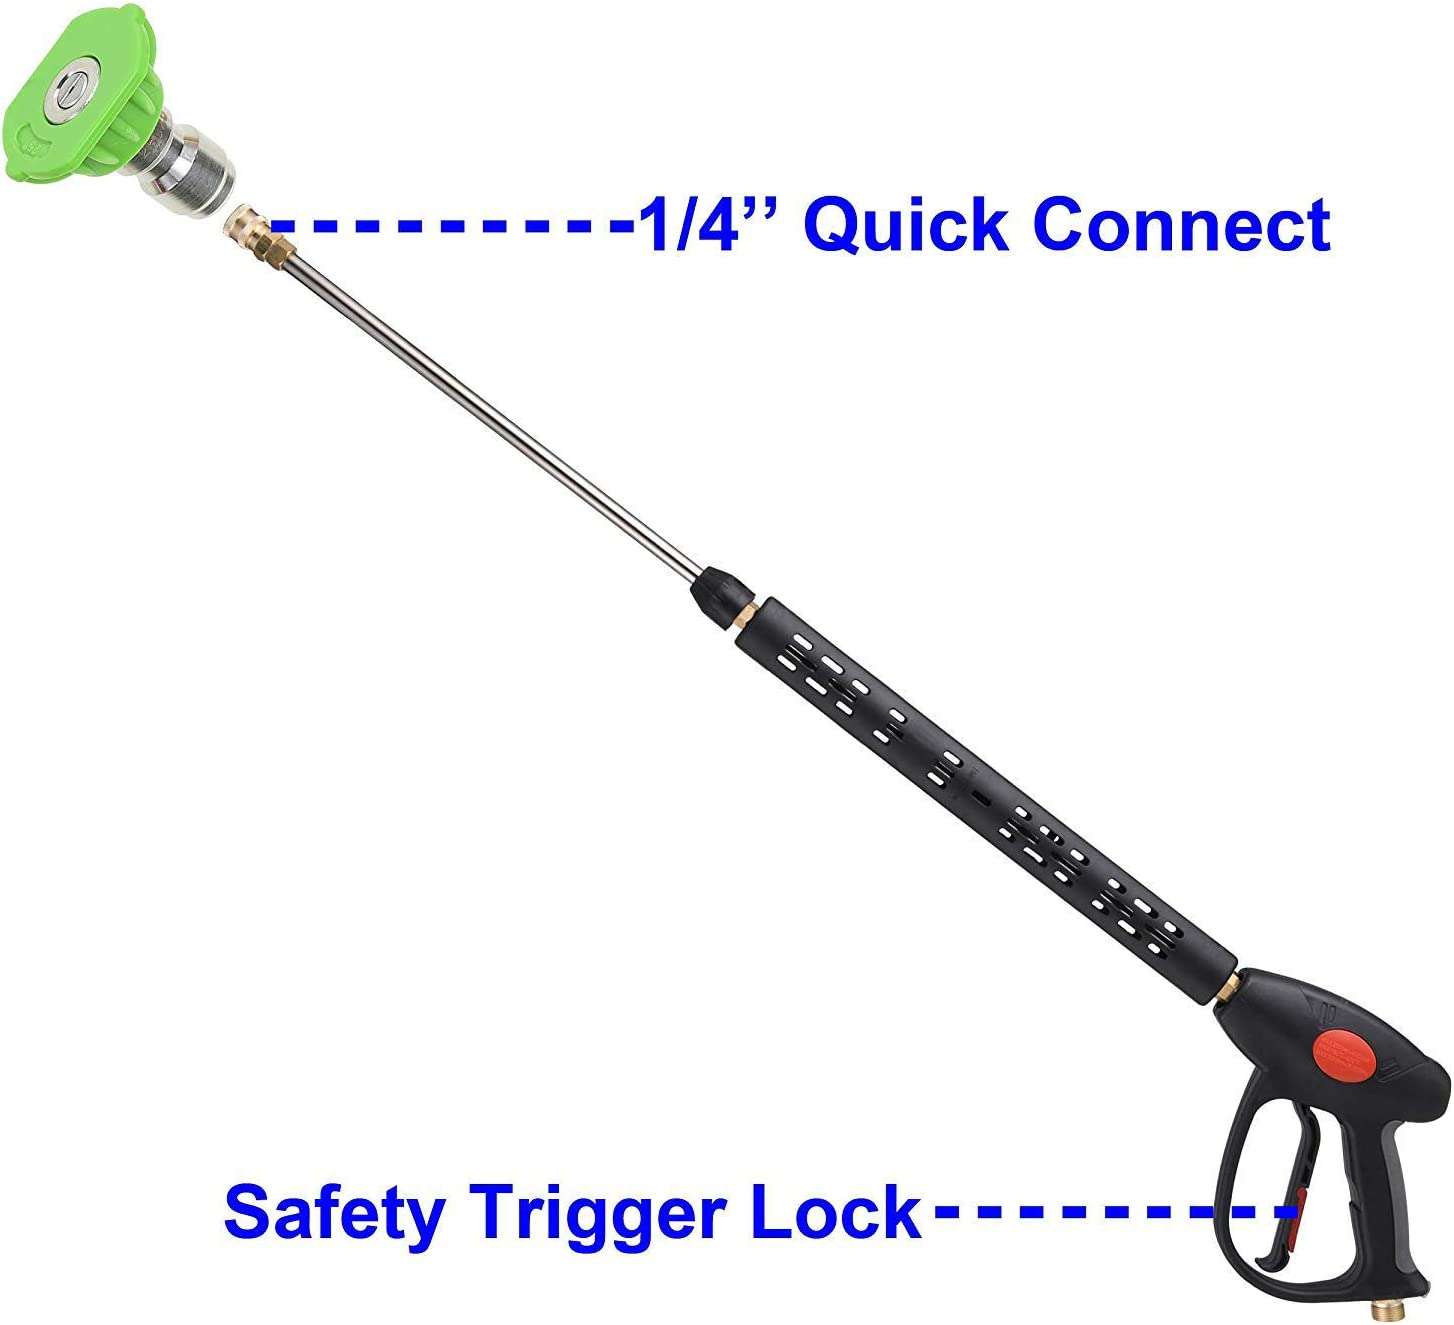 4000 PSI Raccord M22 15Mm ou M22 14Mm Shumo Pistolet de Rechange pour Laveuse /à Pression avec Rallonge 40 Pouces